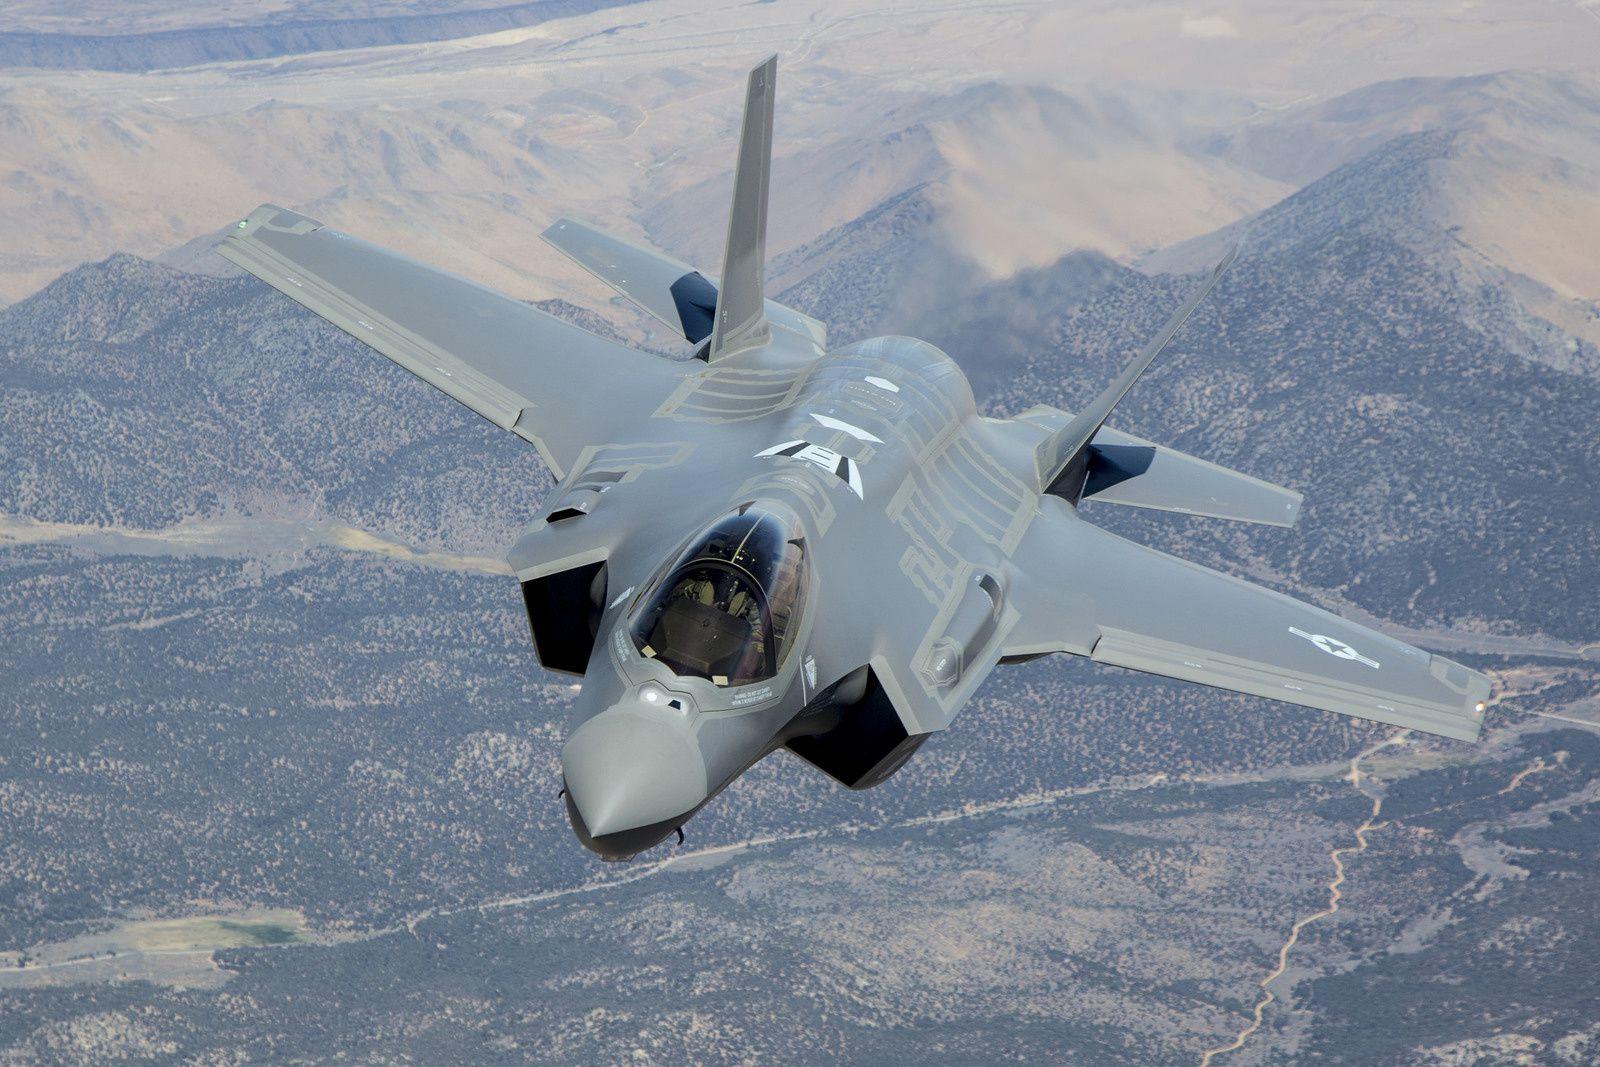 Deux escadrons de F-35A de l'USAF seront stationnés au Royaume-Uni